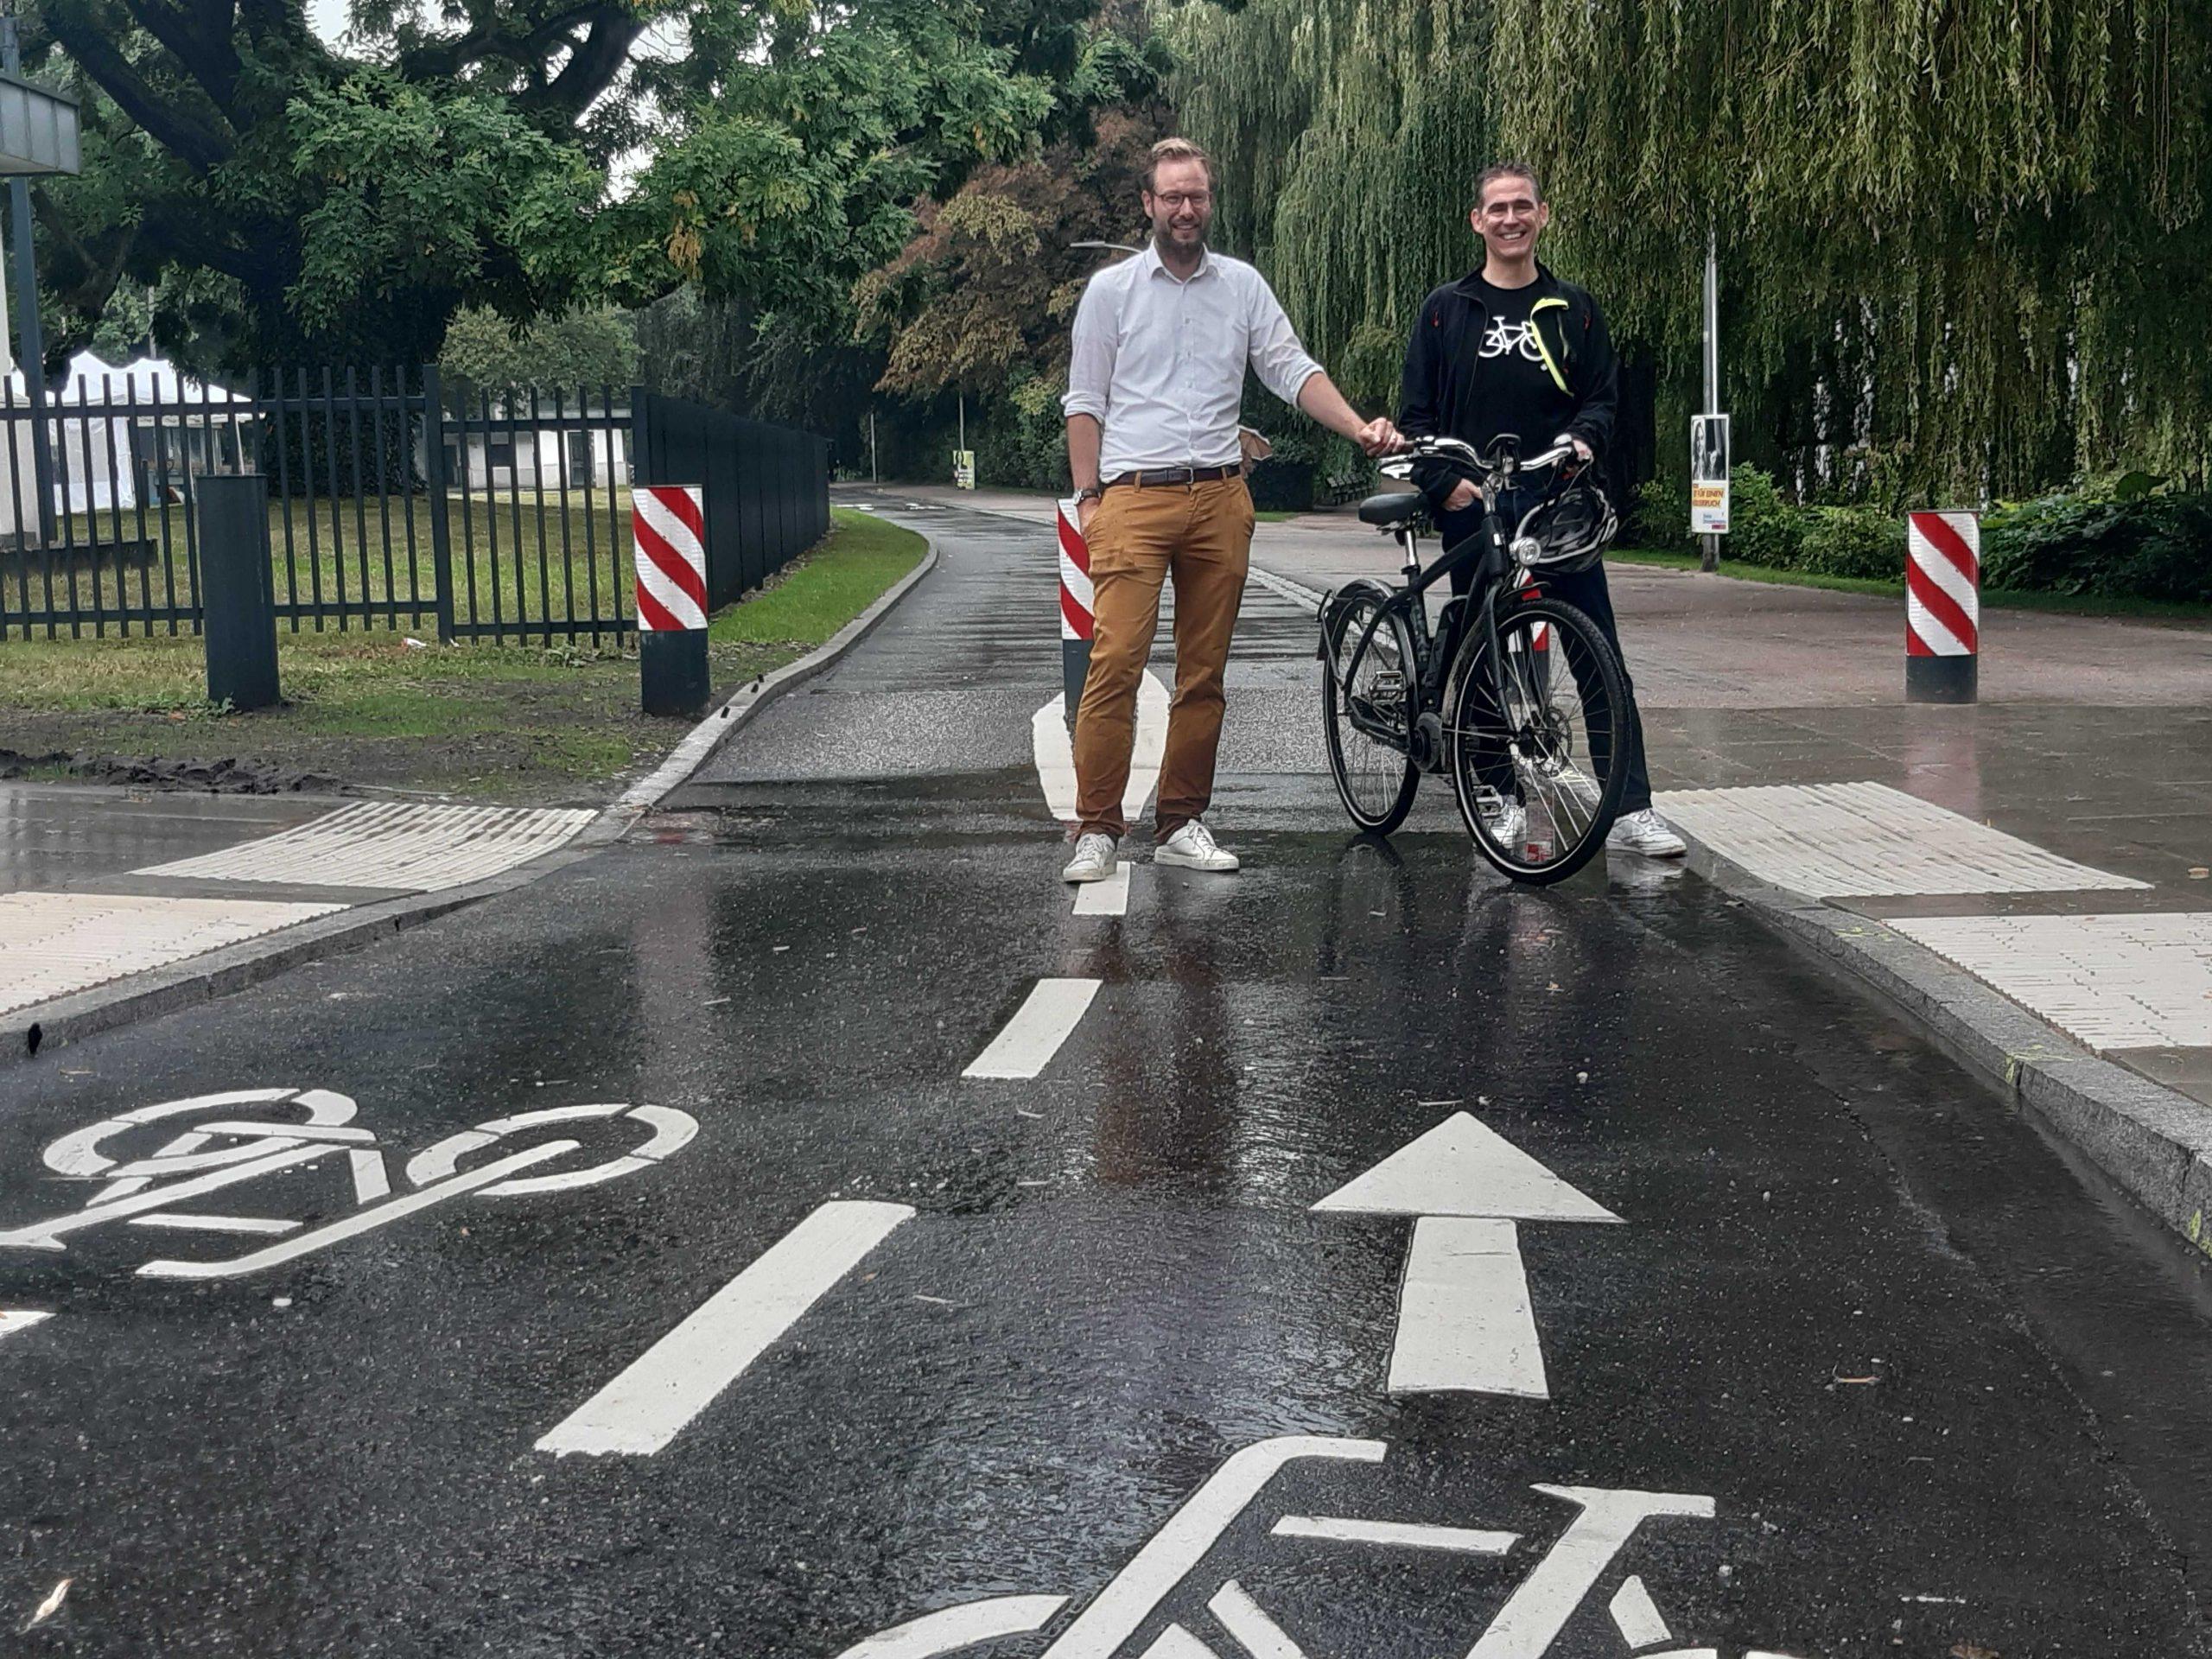 """Verkehrssenator Anjes Tjarks (Grüne) und Bezirksamtsleiter von Eimsbüttel, Kay Gätgens (v.l.n.r.) eröffneten die neue Fahrradstraße """"Alsterufer""""."""